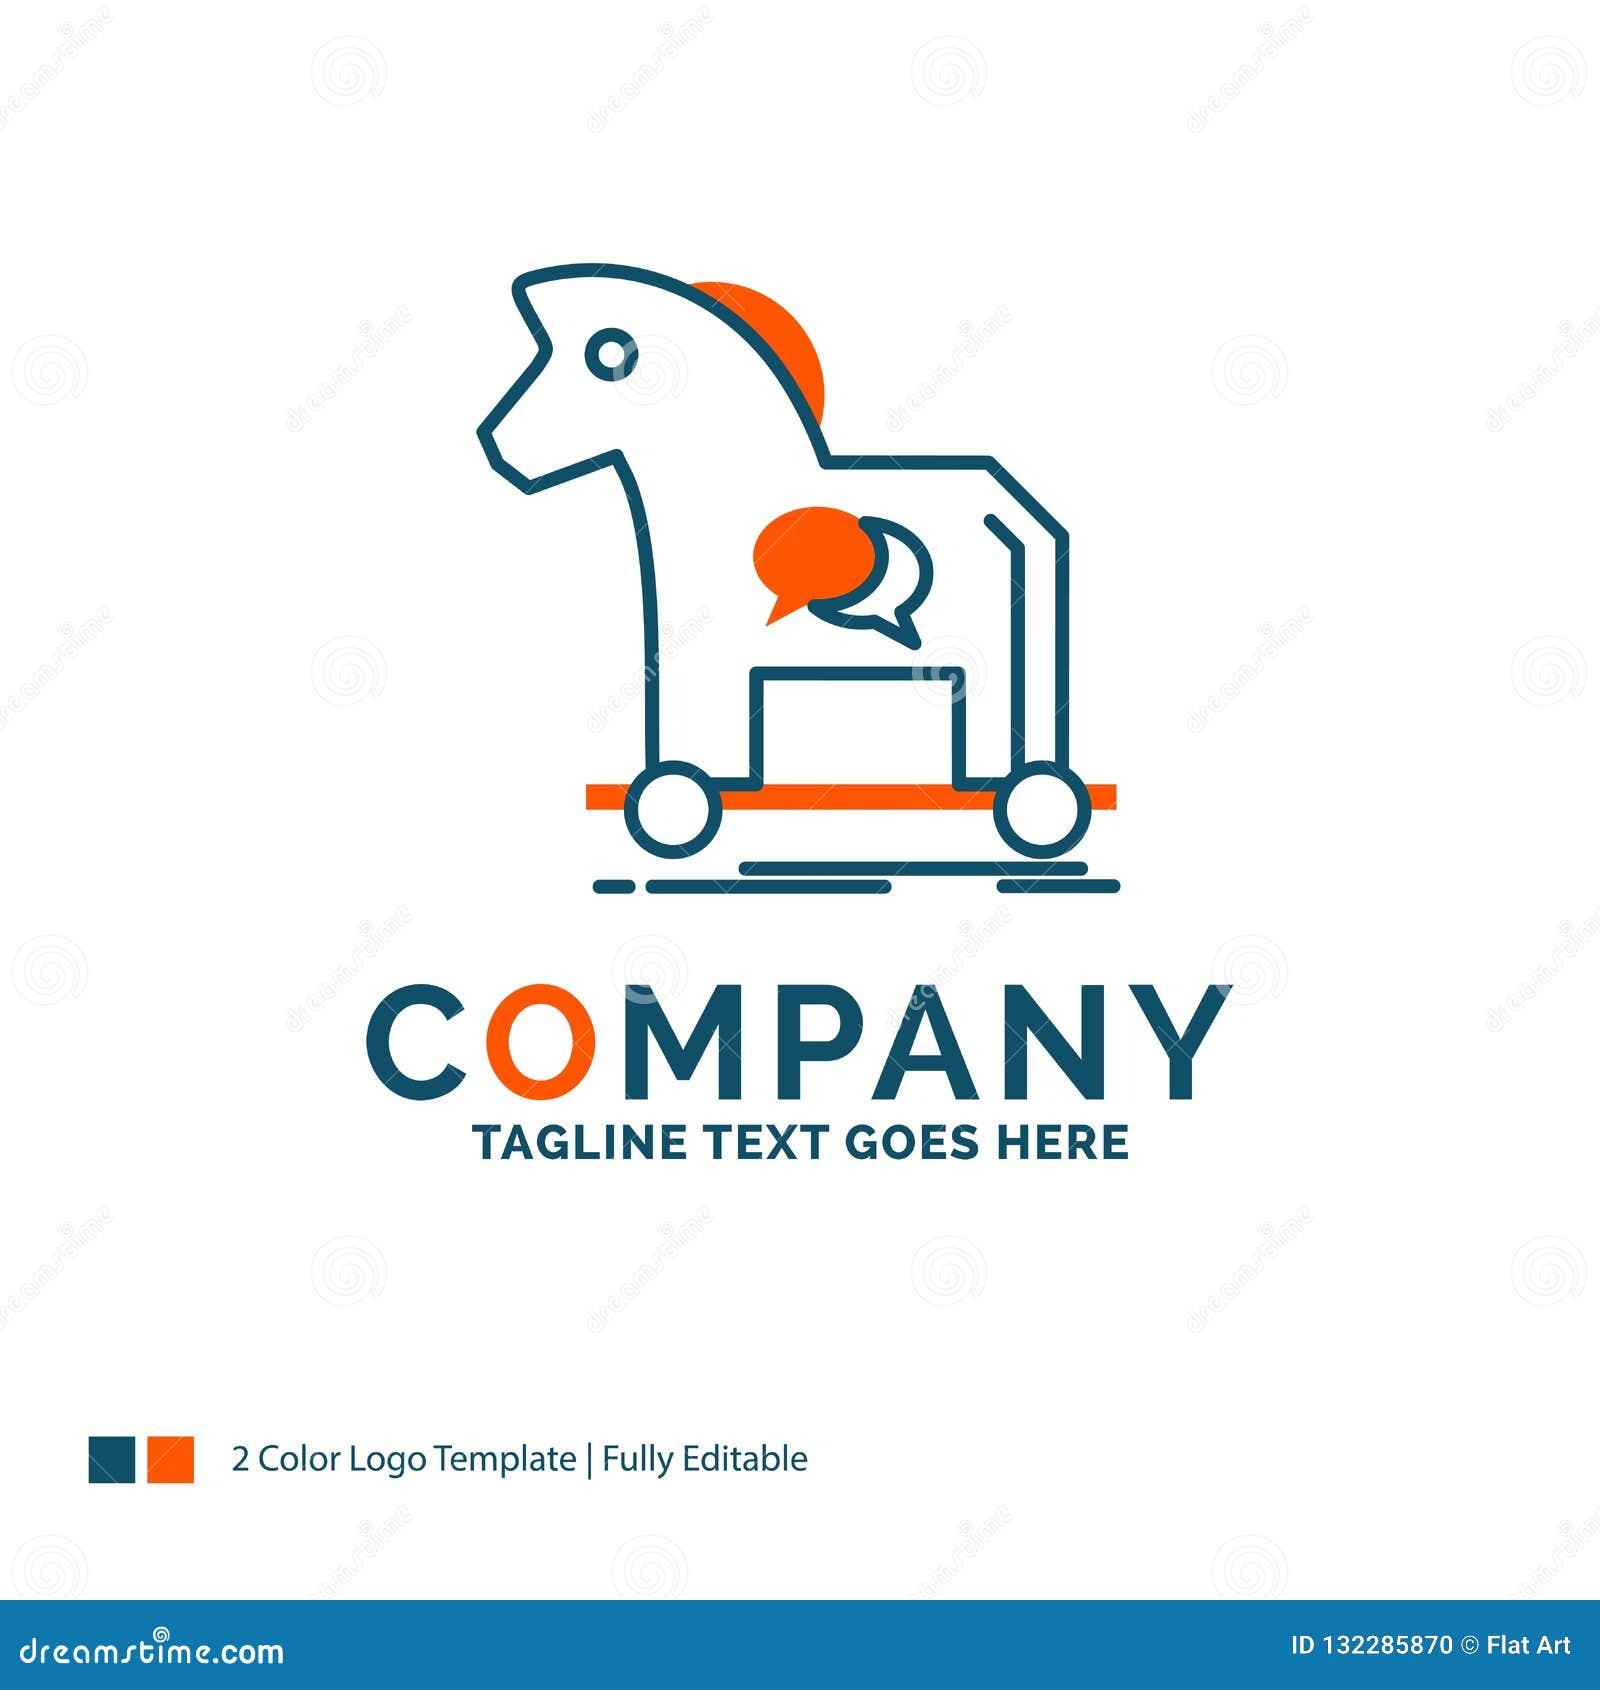 dc07af0ce Ciberdelincuencia, caballo, Internet, troyano, virus Logo Design Diseño azul  y anaranjado de la marca Lugar para el Tagline Plantilla del logotipo del  ...